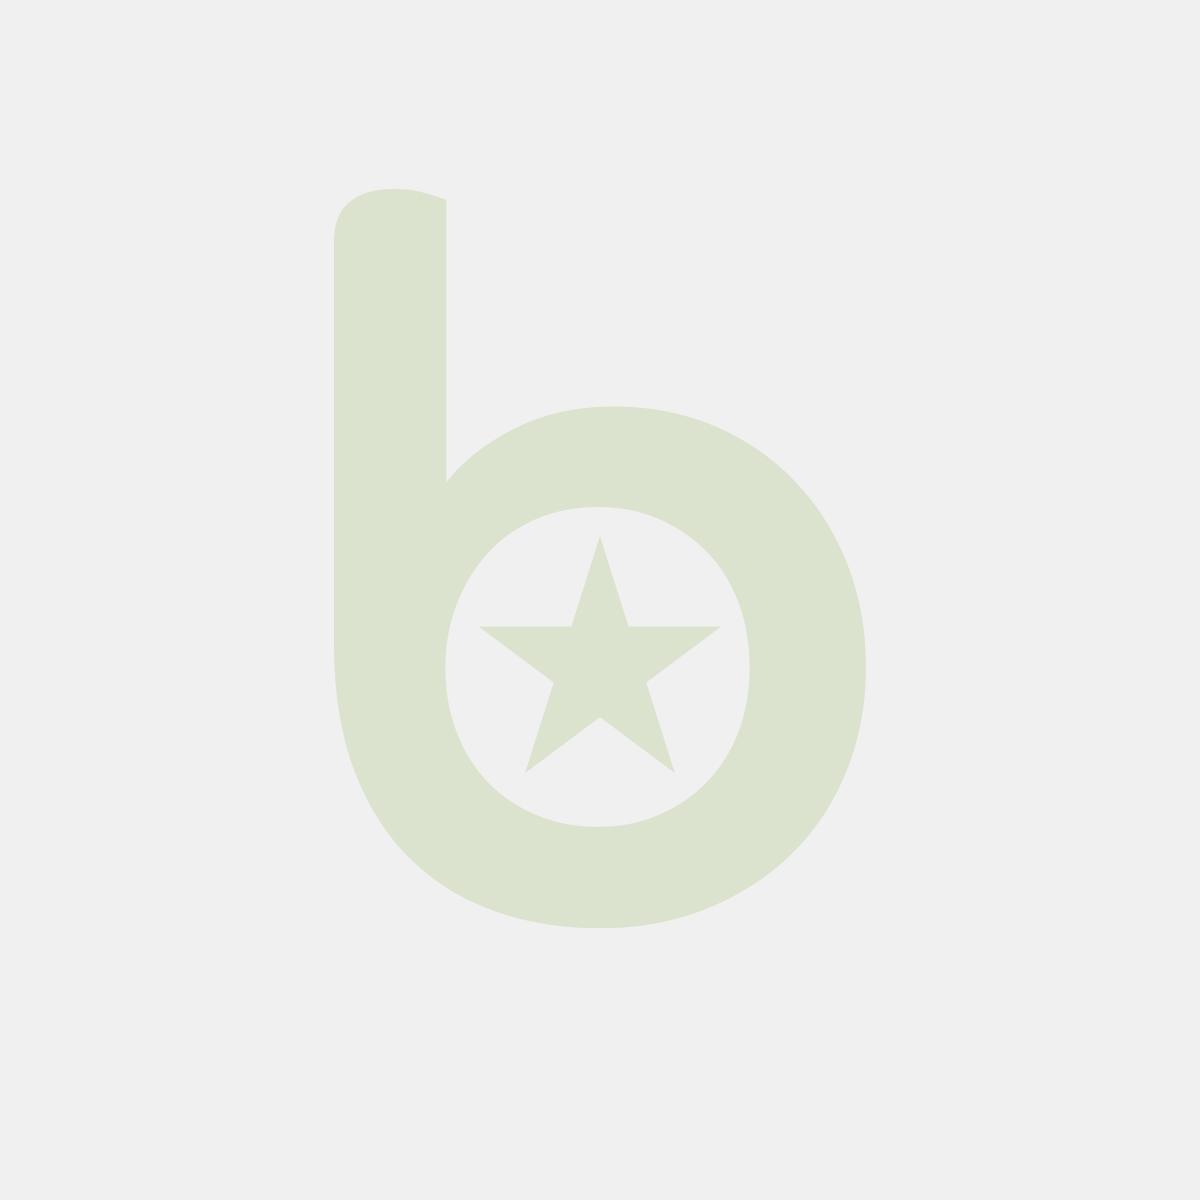 Pojemnik okrągły bezbarwny KP-741 400ml PP gładki, cena za opakowanie 100szt